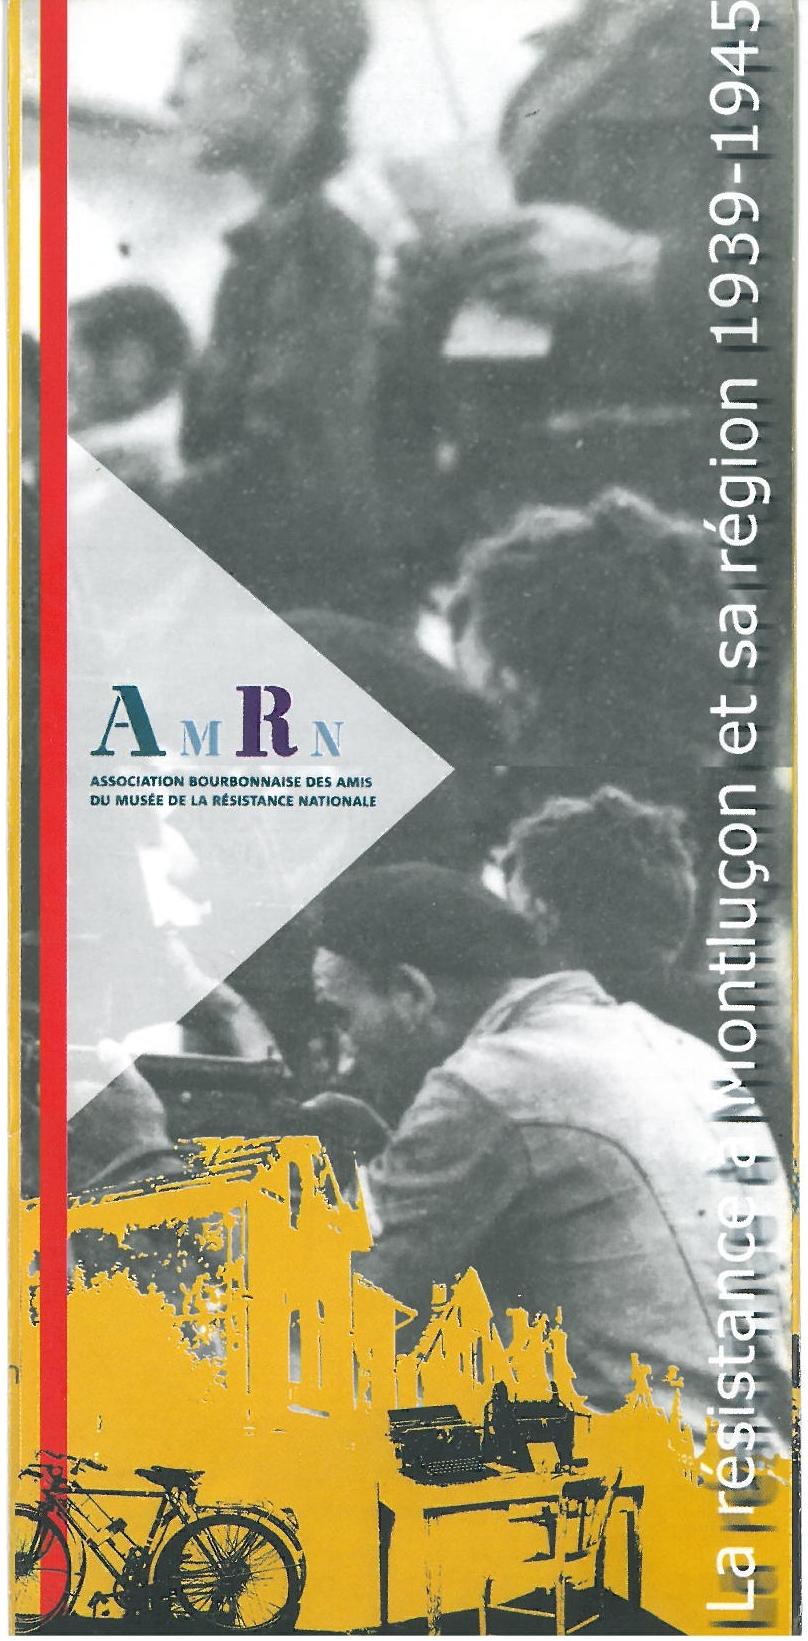 Musée de la Résistance - Montluçon Flyer Ⓒ Musée de la Résistance